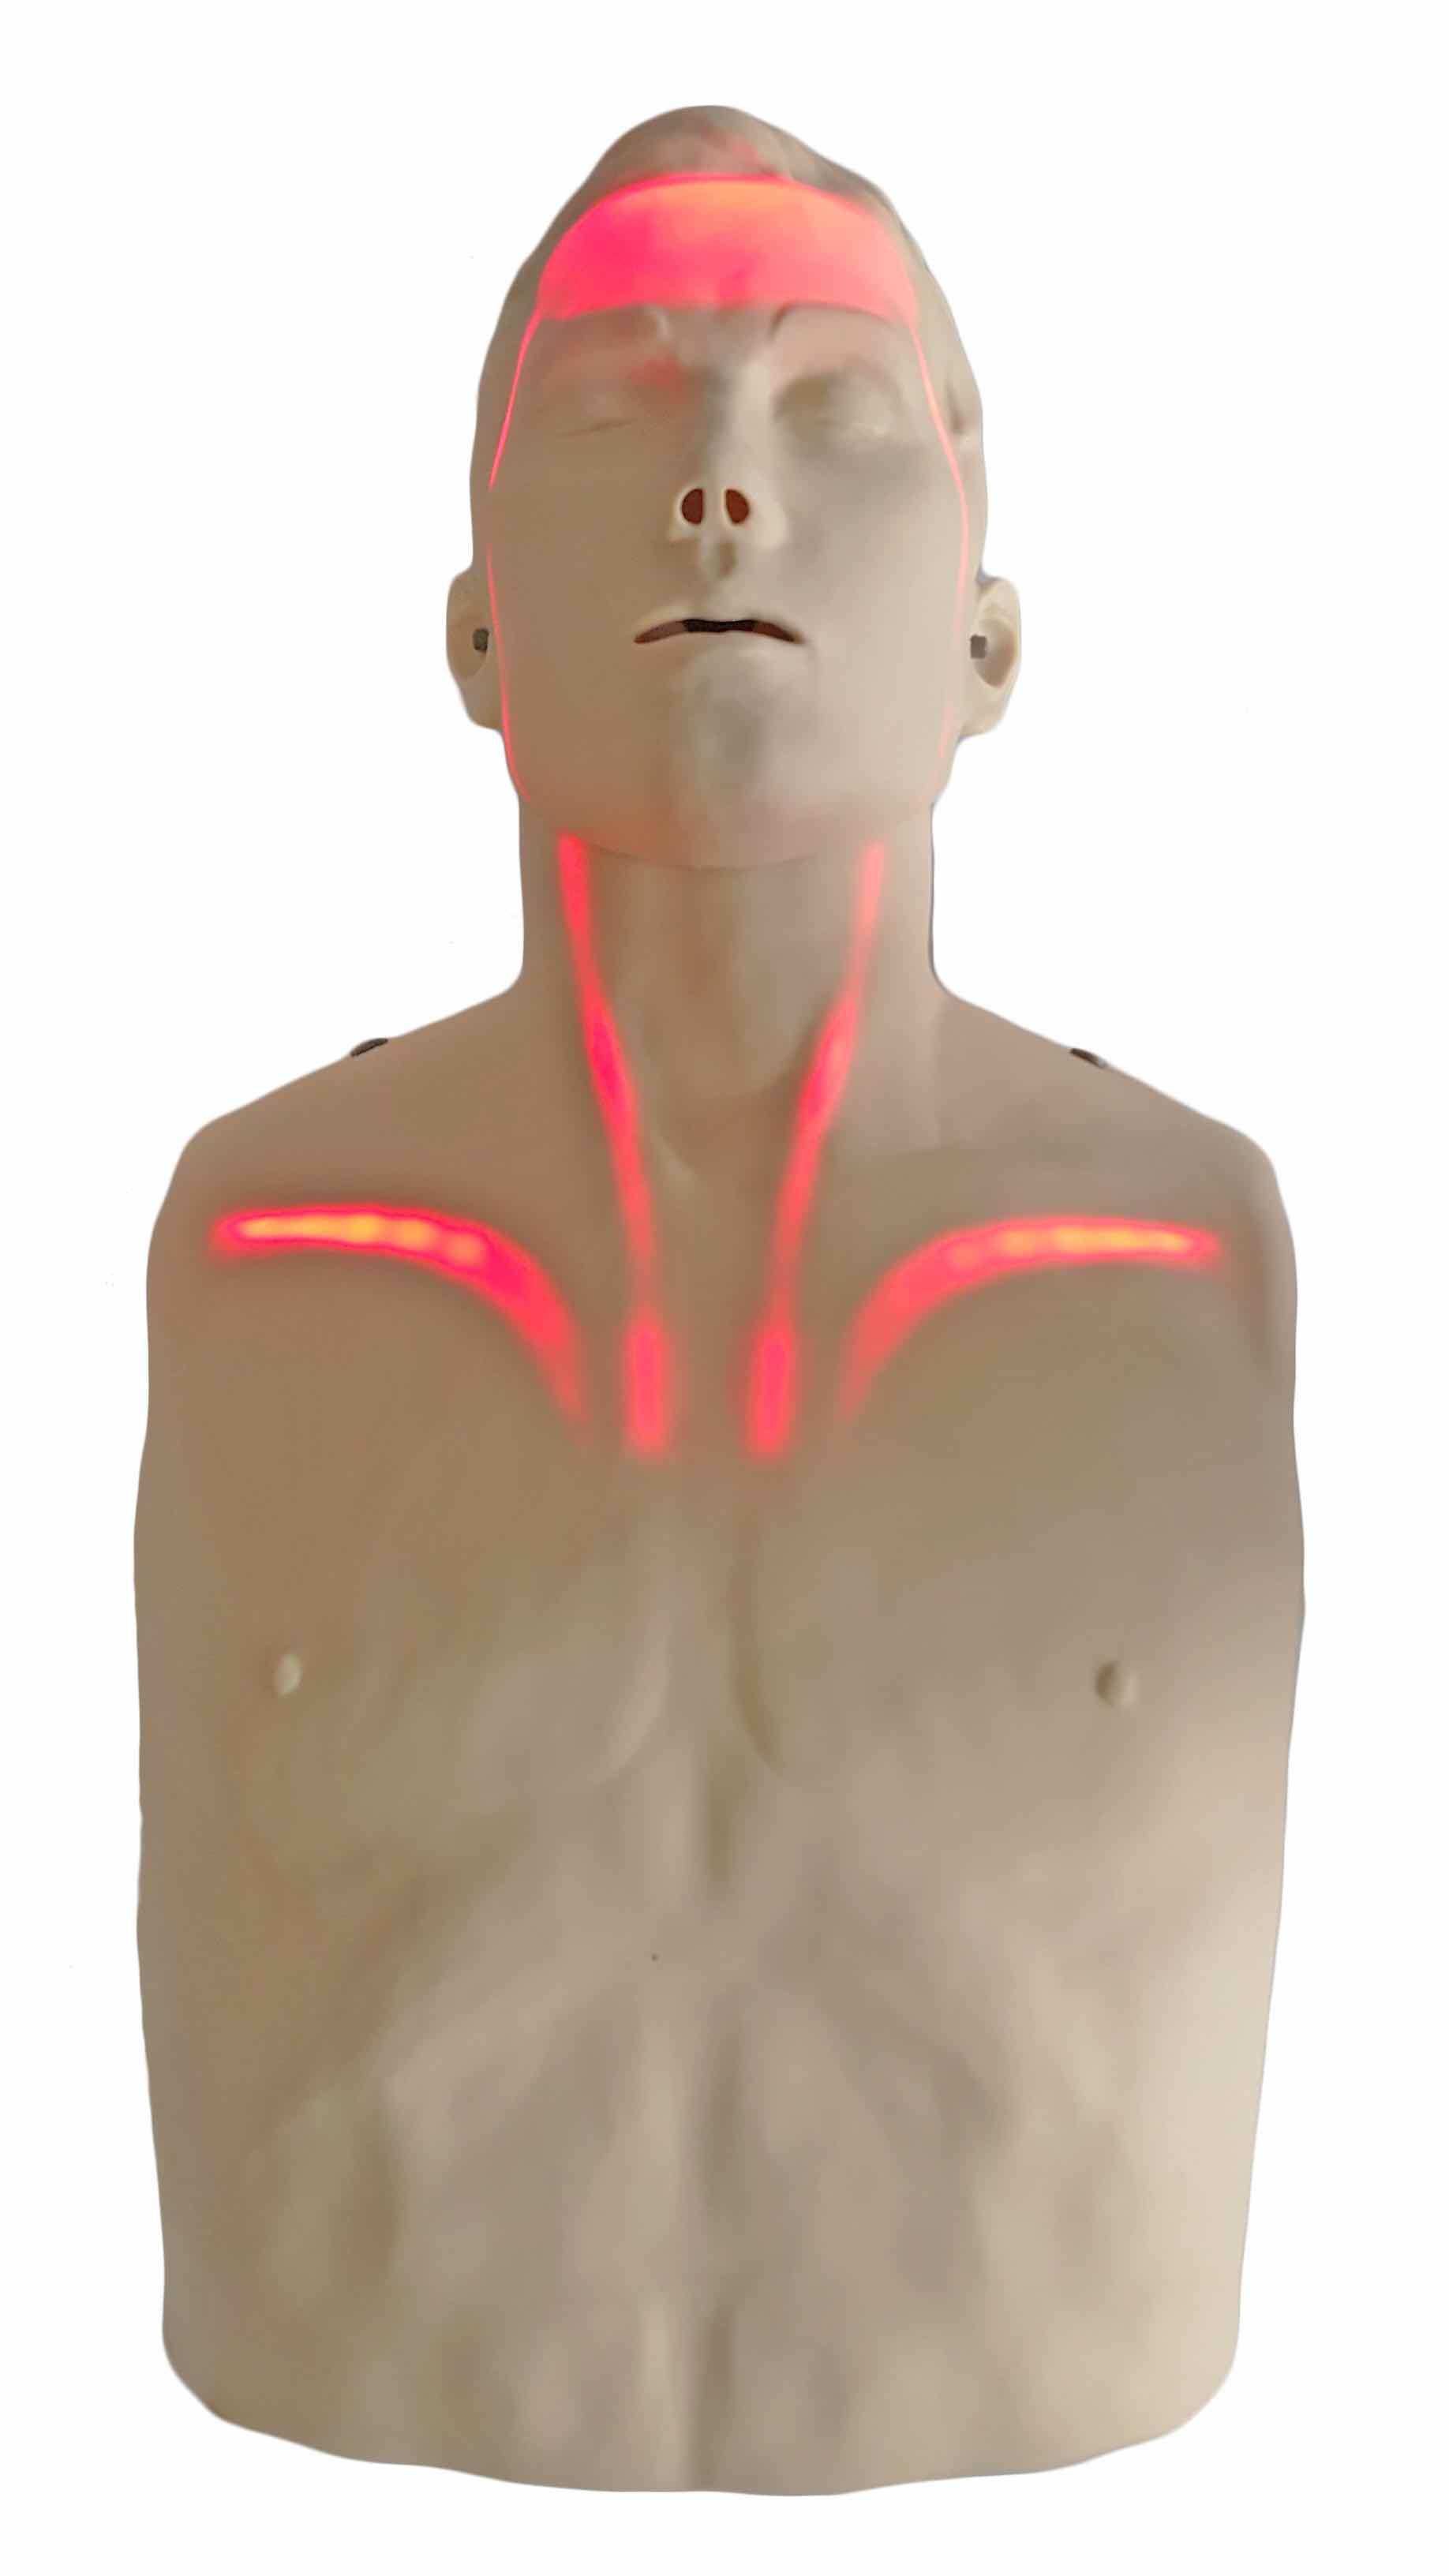 BRAYDEN – innowacyjny symulator do nauki RKO, BLS ze wskaźnikami świetlnymi